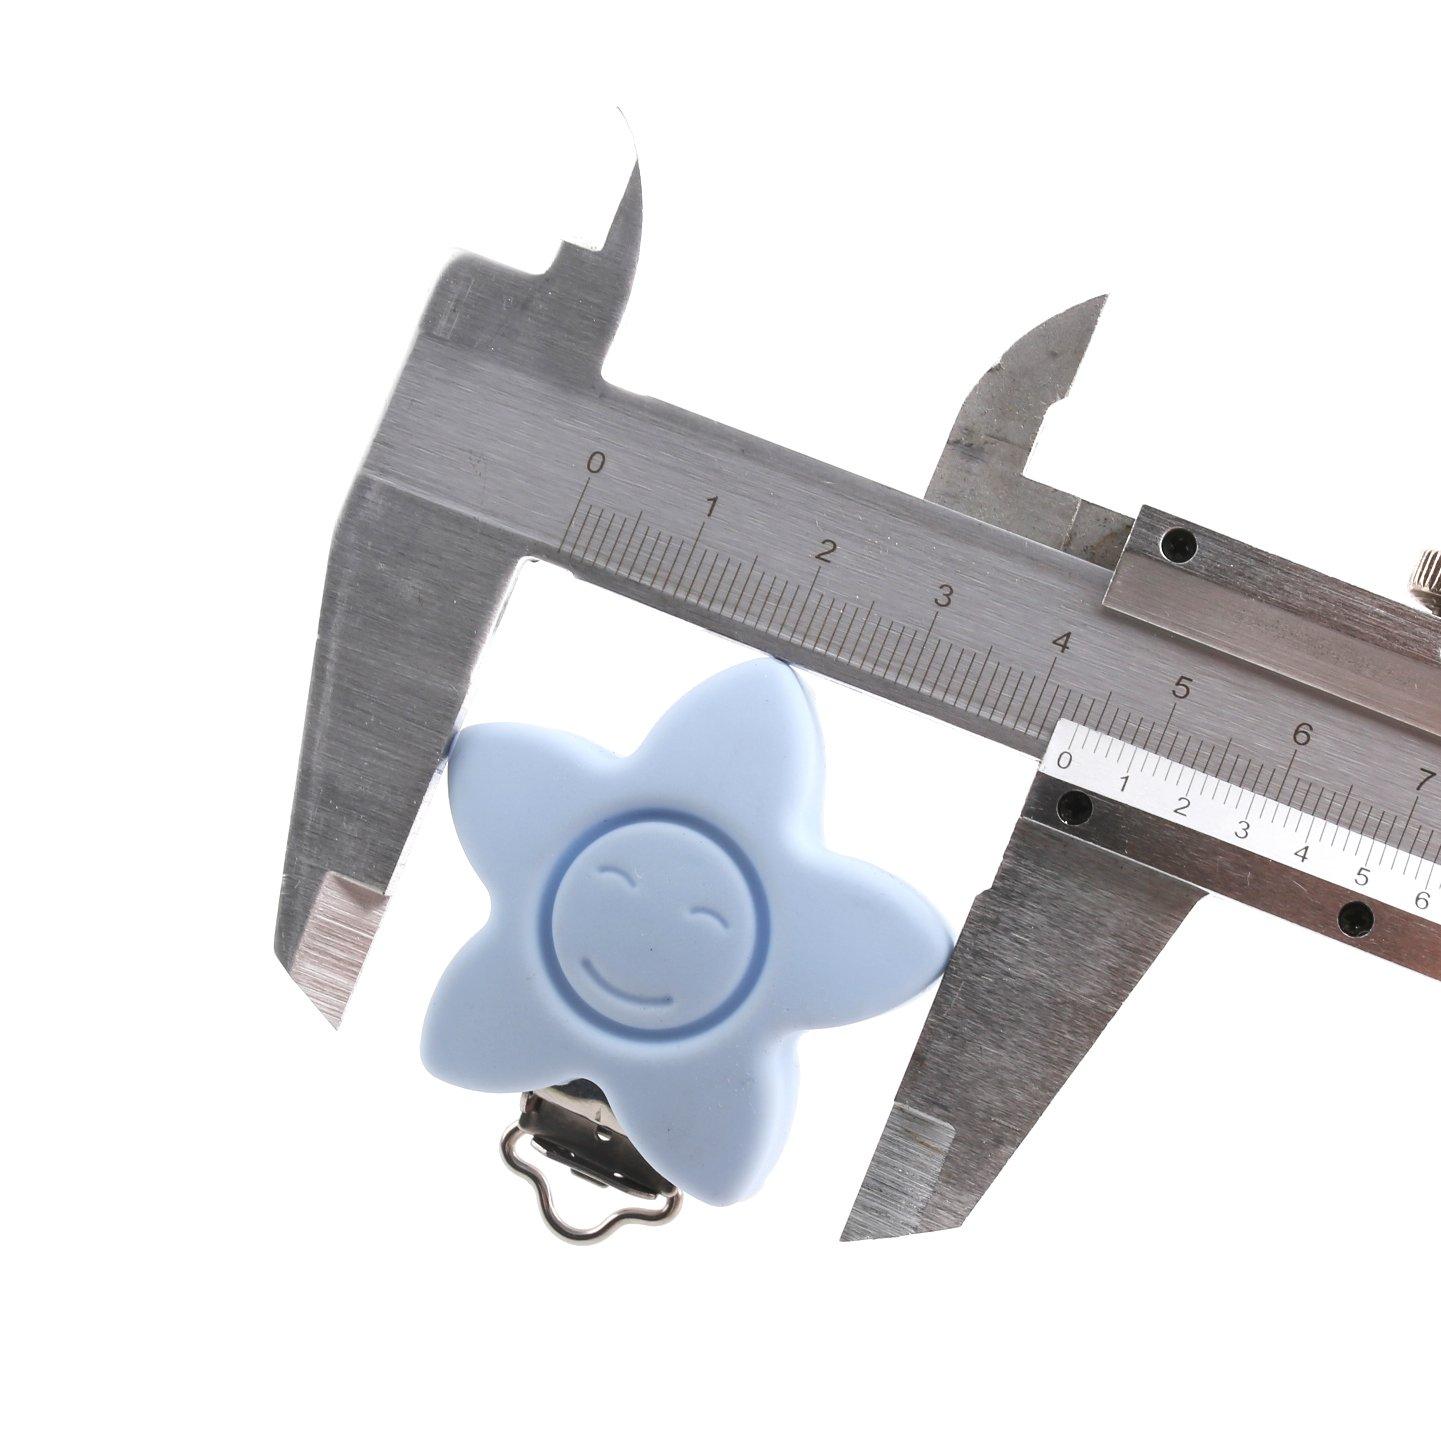 baby tete Clips de Chupete Clip de Dentici/ón de Silicona Mordedor 10pcs Color Mixto Juguetes de Bebe Accesorios de Bricolaje de Joyer/ía de Enfermer/ía